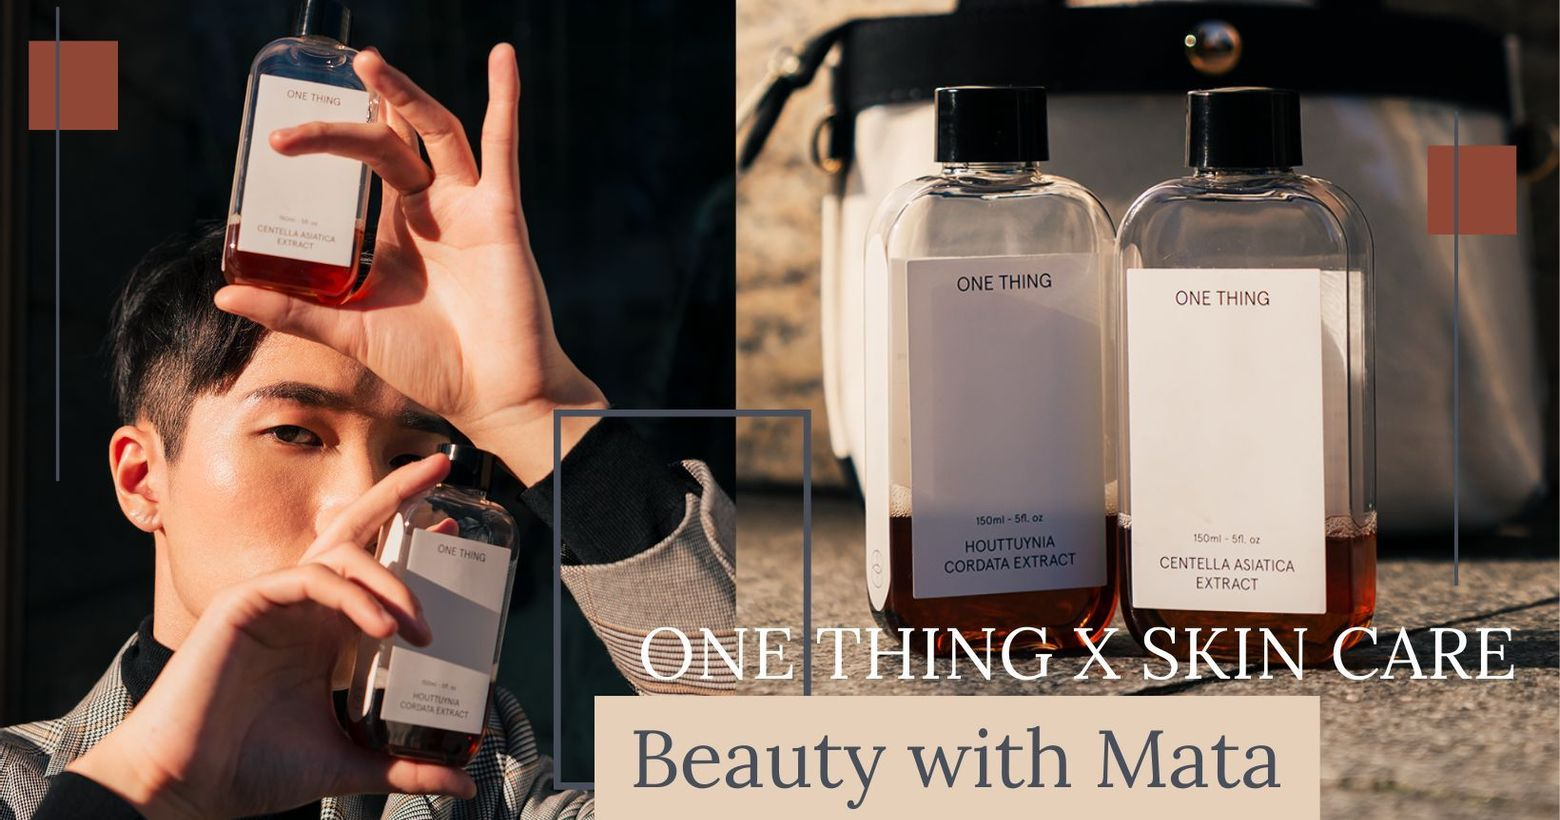 【平價抗痘】韓國天然品牌One Thing,自掏腰包買不停的「化妝水」心得分享#馬它老師